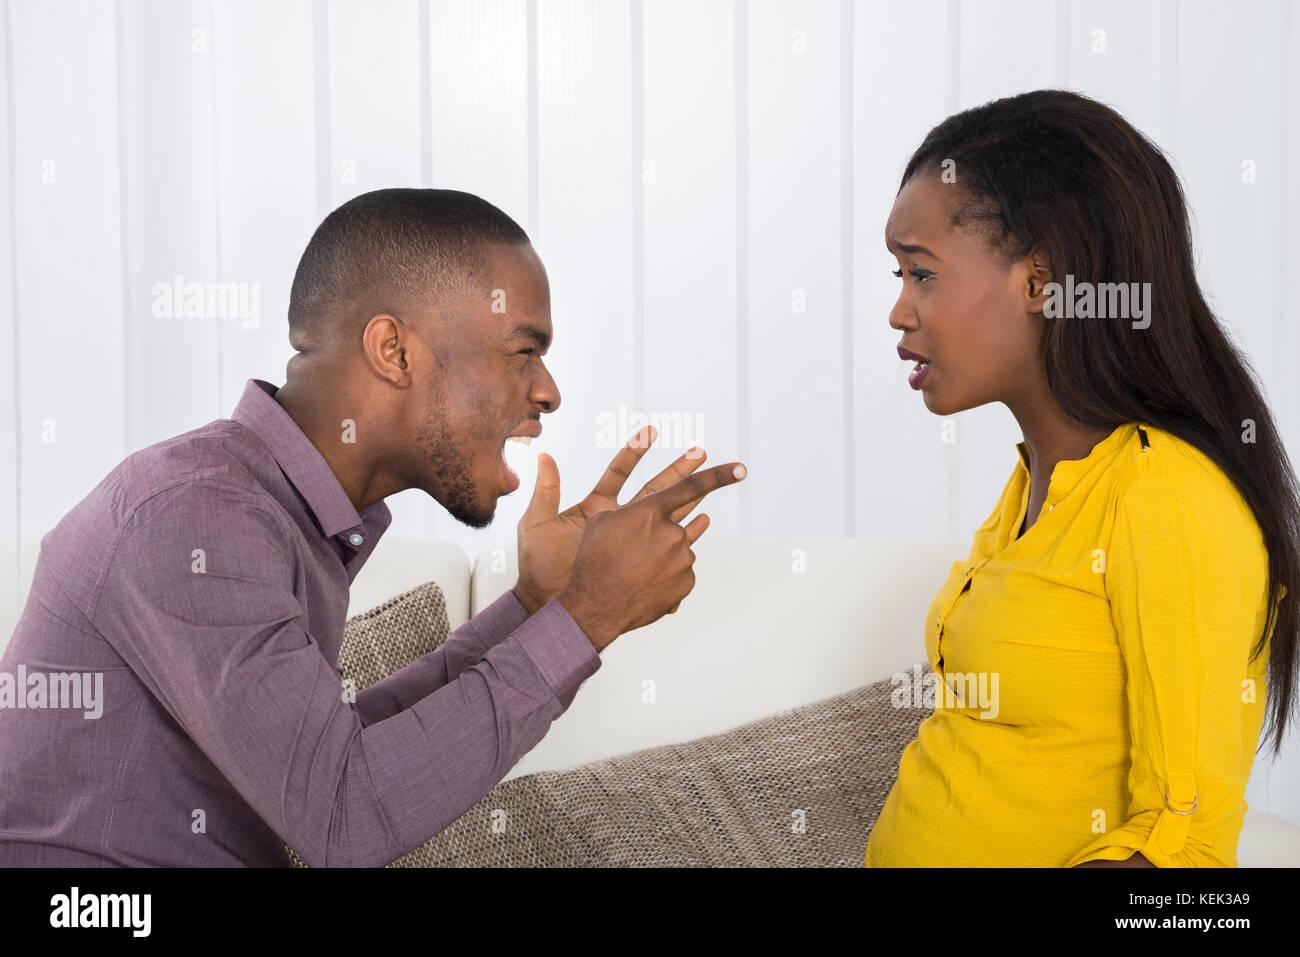 El hombre africano joven enojado le gritaba a la mujer Imagen De Stock